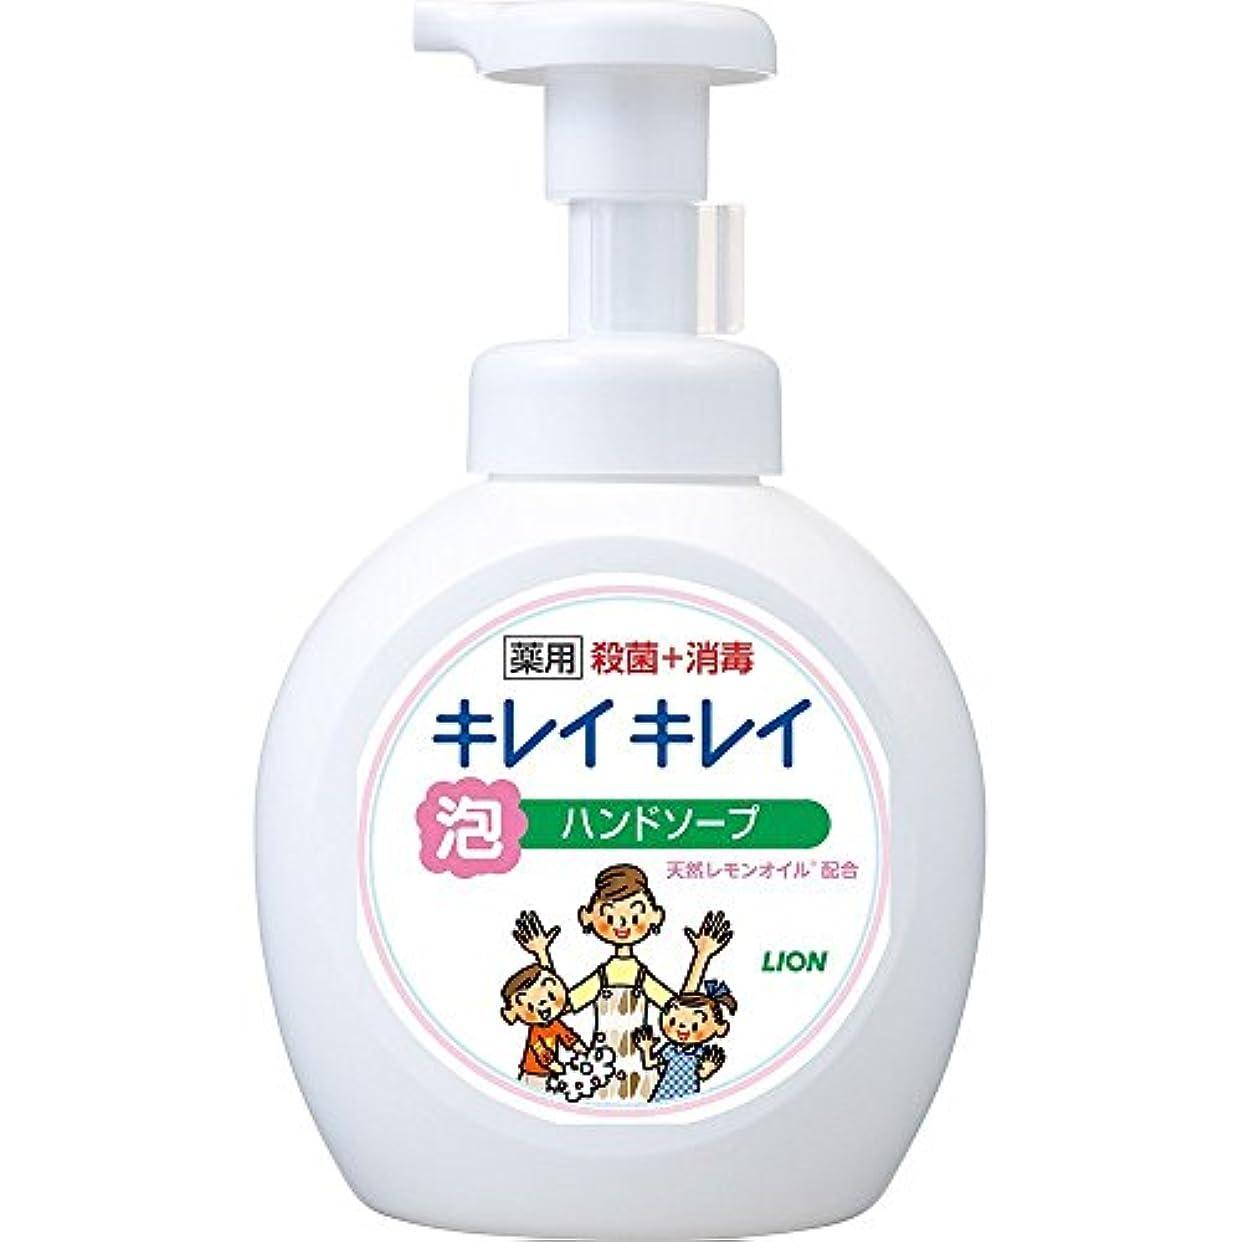 アンビエントぼんやりした分離キレイキレイ 薬用 泡ハンドソープ シトラスフルーティの香り 本体ポンプ 大型サイズ 500ml(医薬部外品)